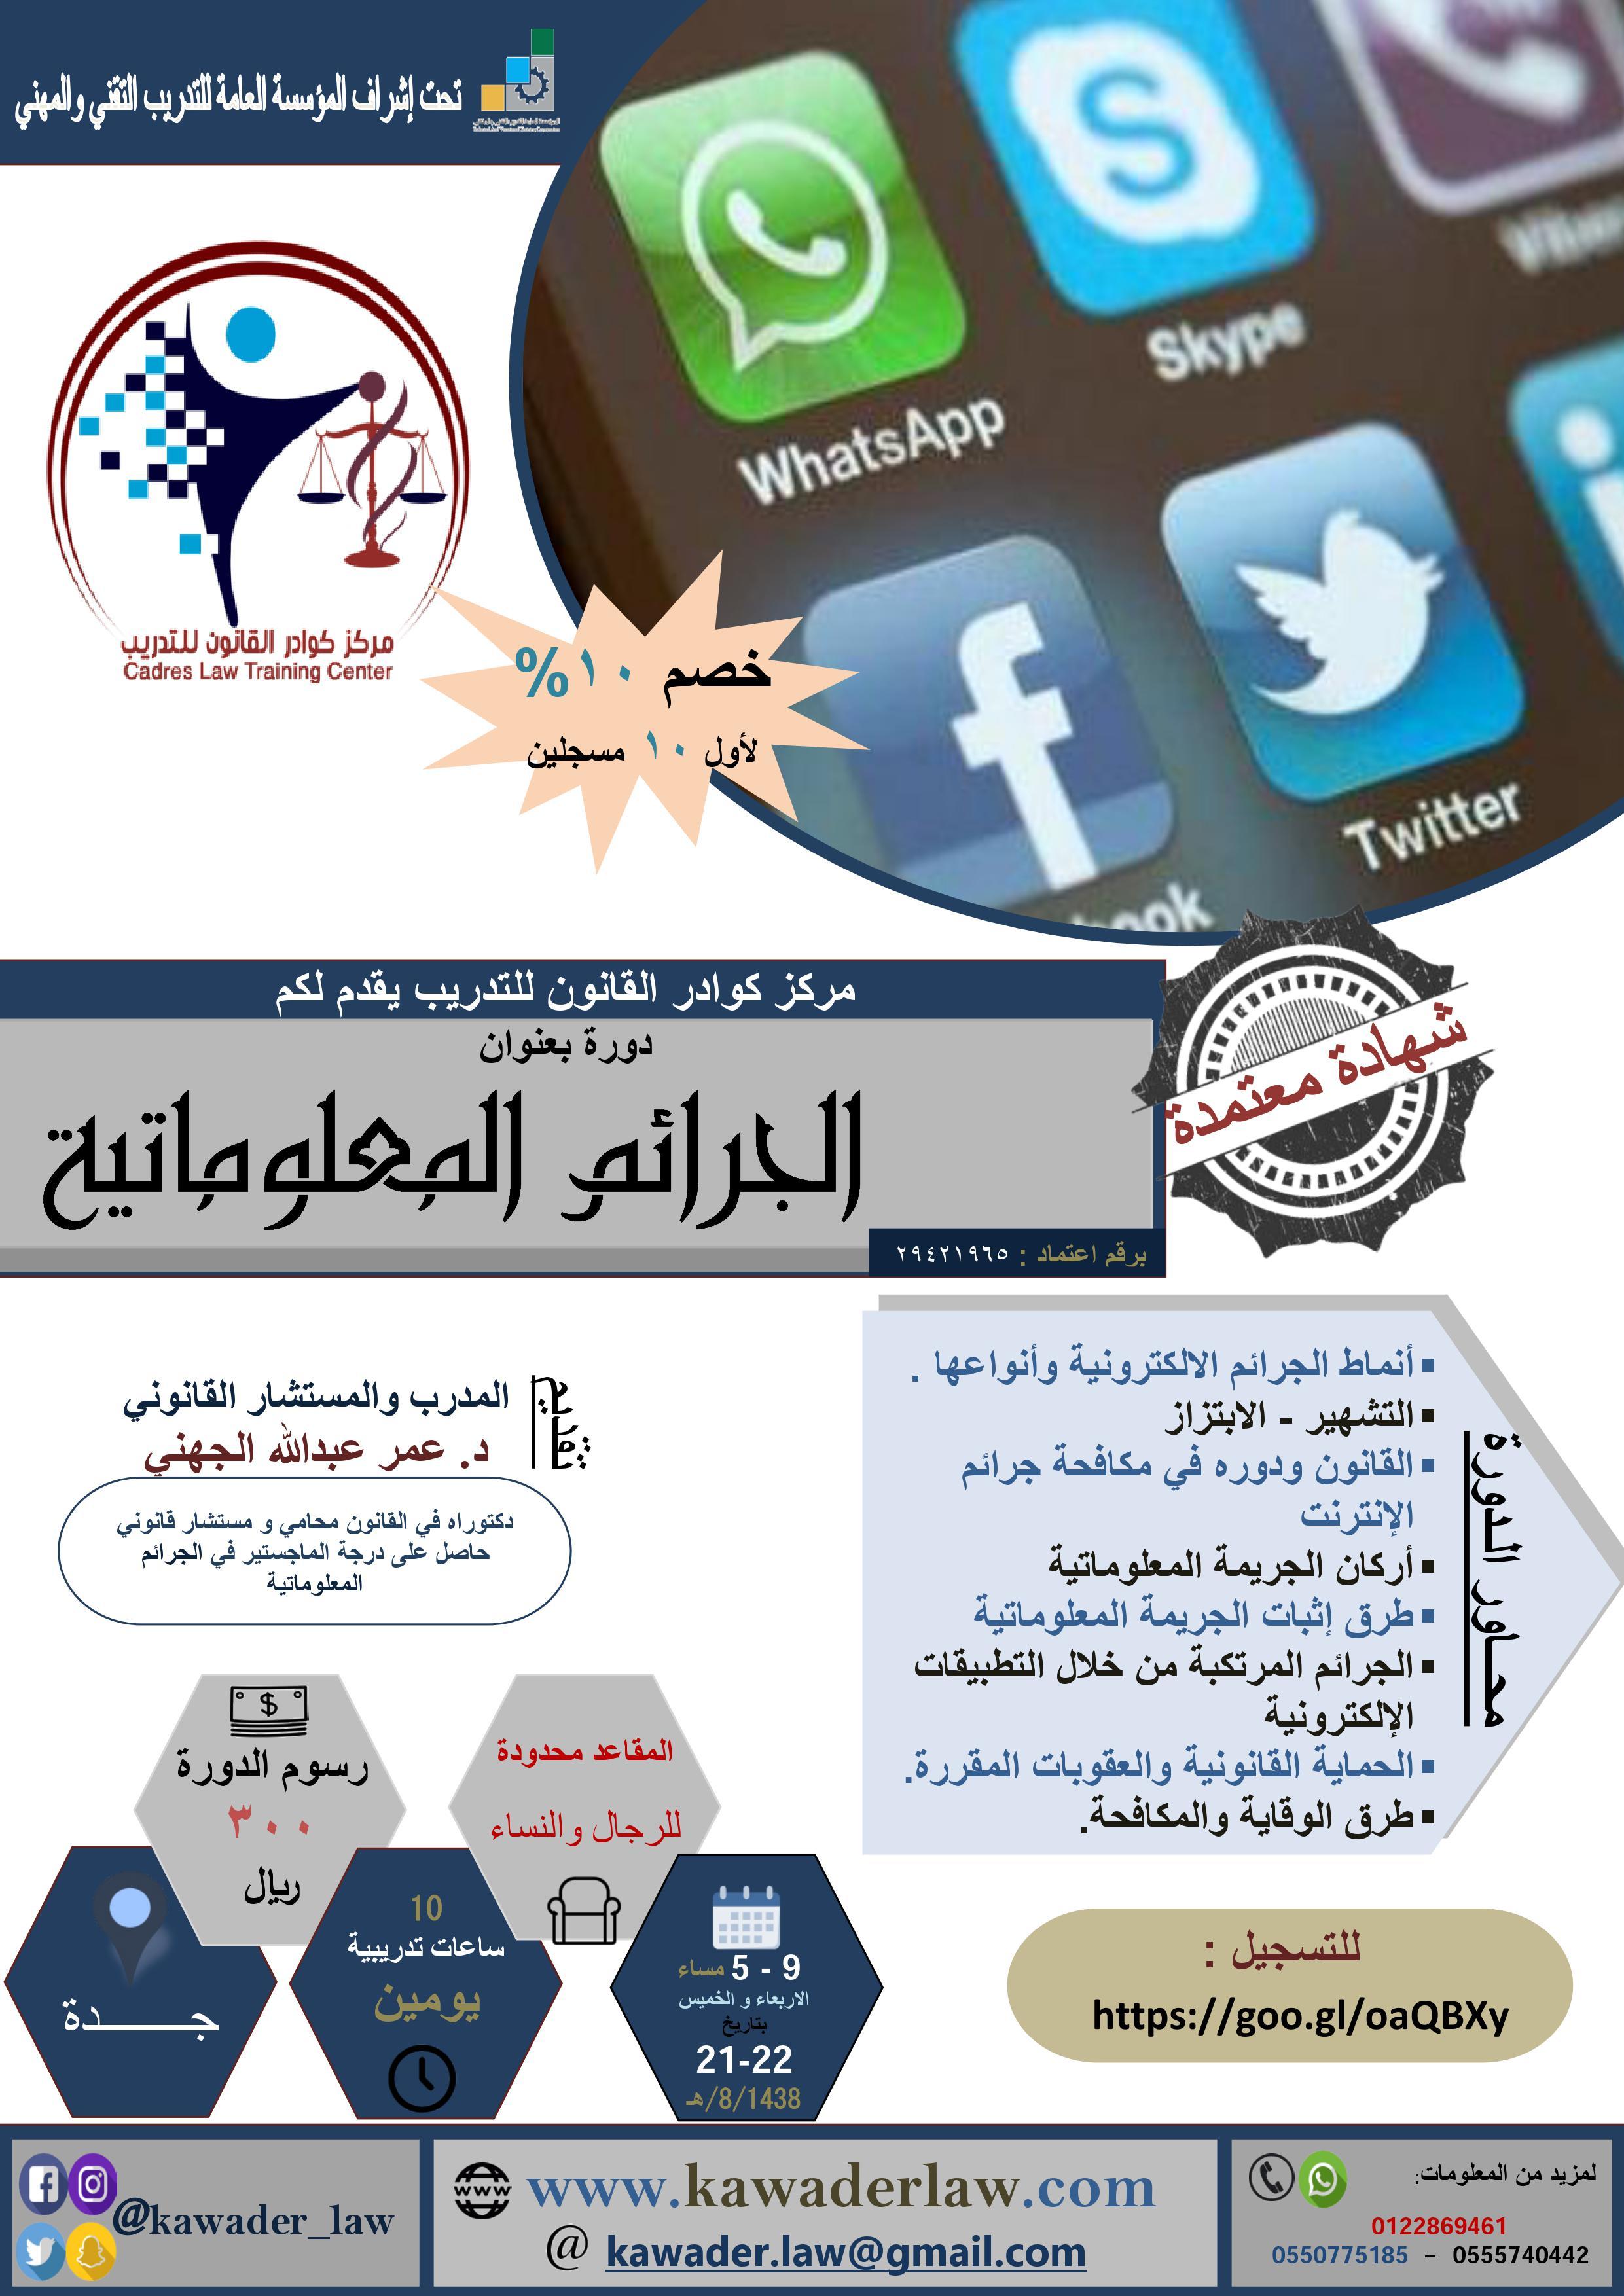 المستشار والمحامي د. عمر الجهني يقدم دورة في الجرائم المعلوماتية الالكترونية  بثوب جديد